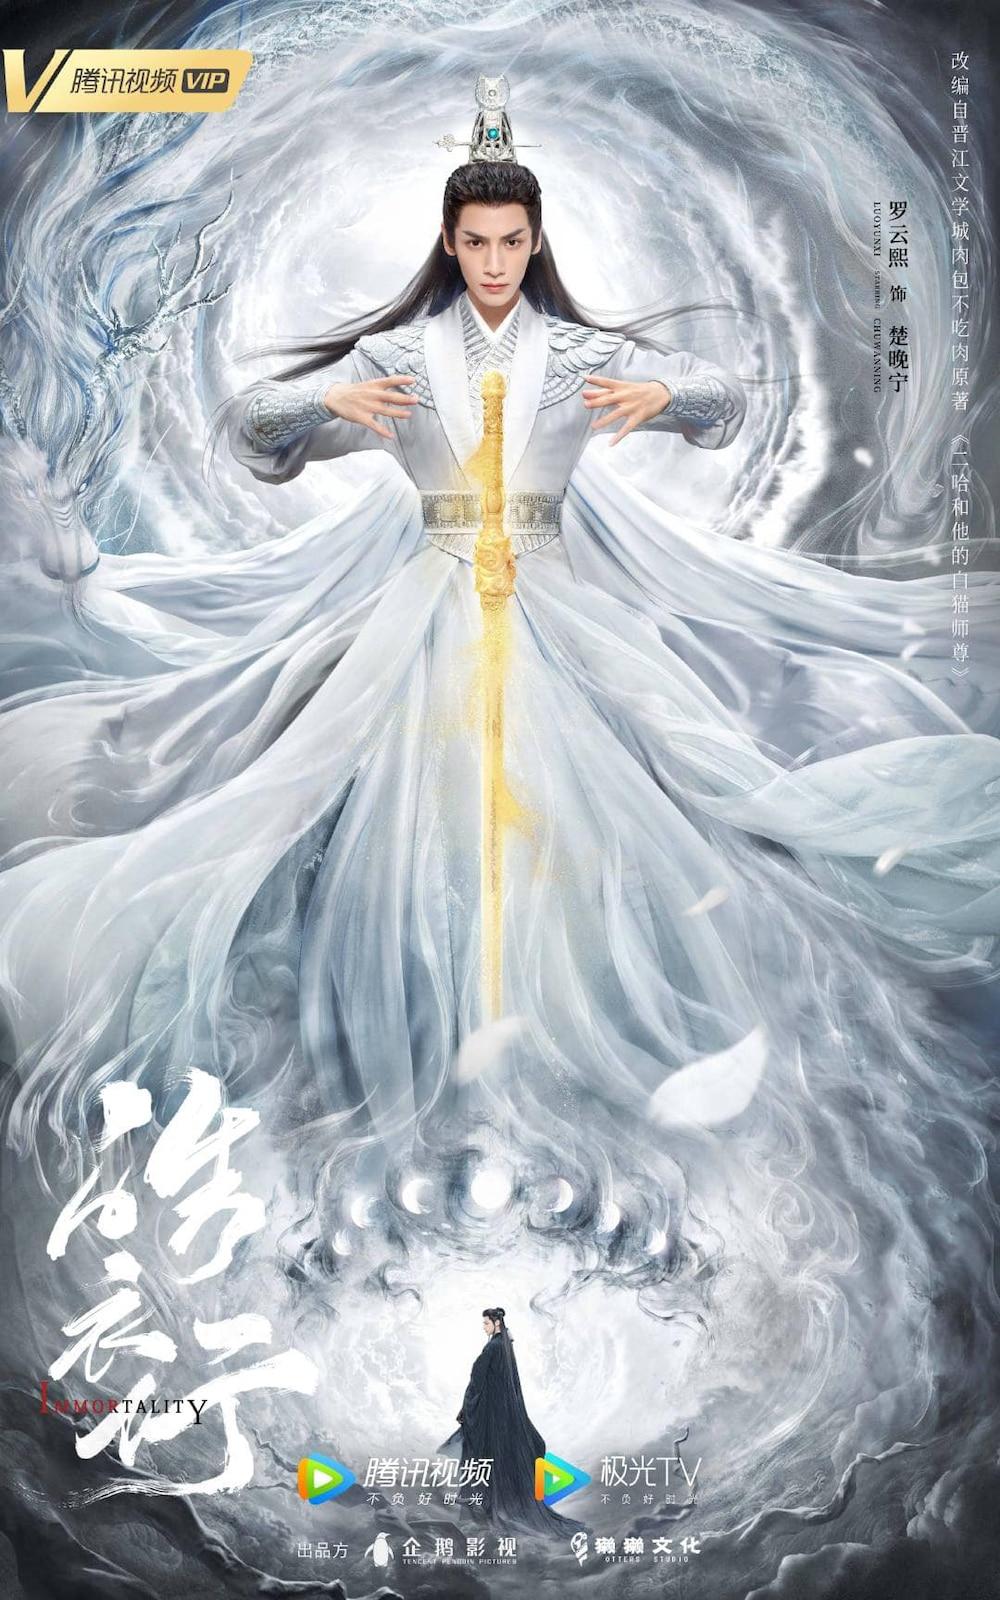 Dân mạng phát sốt với hình ảnh thân mật của La Vân Hi - Trần Phi Vũ trong hậu trường 'Hạo y hành' 3